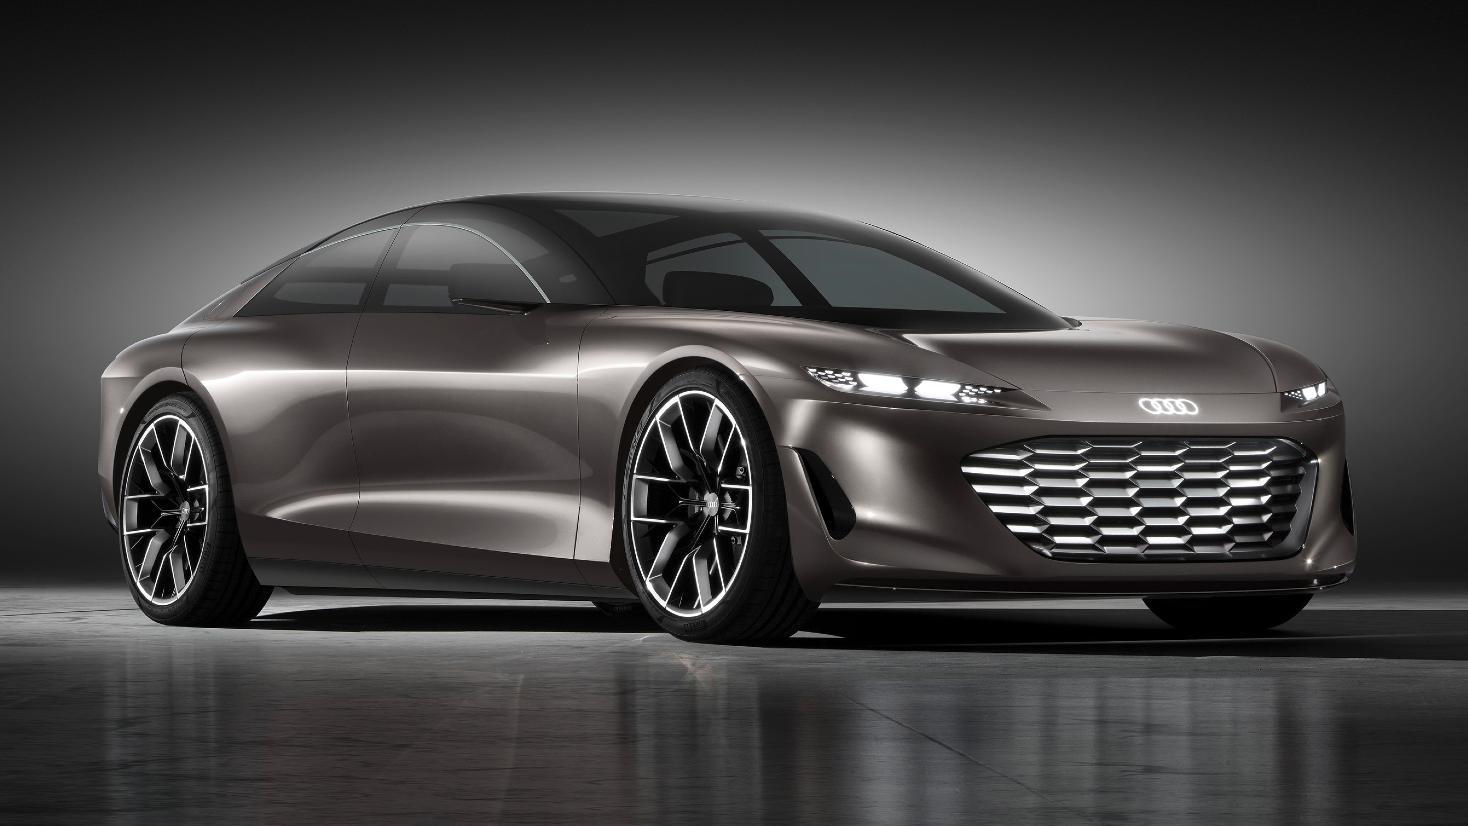 La grande sphère est un aperçu de ce que l'on peut attendre du successeur de l'Audi A8.  Image : Audi